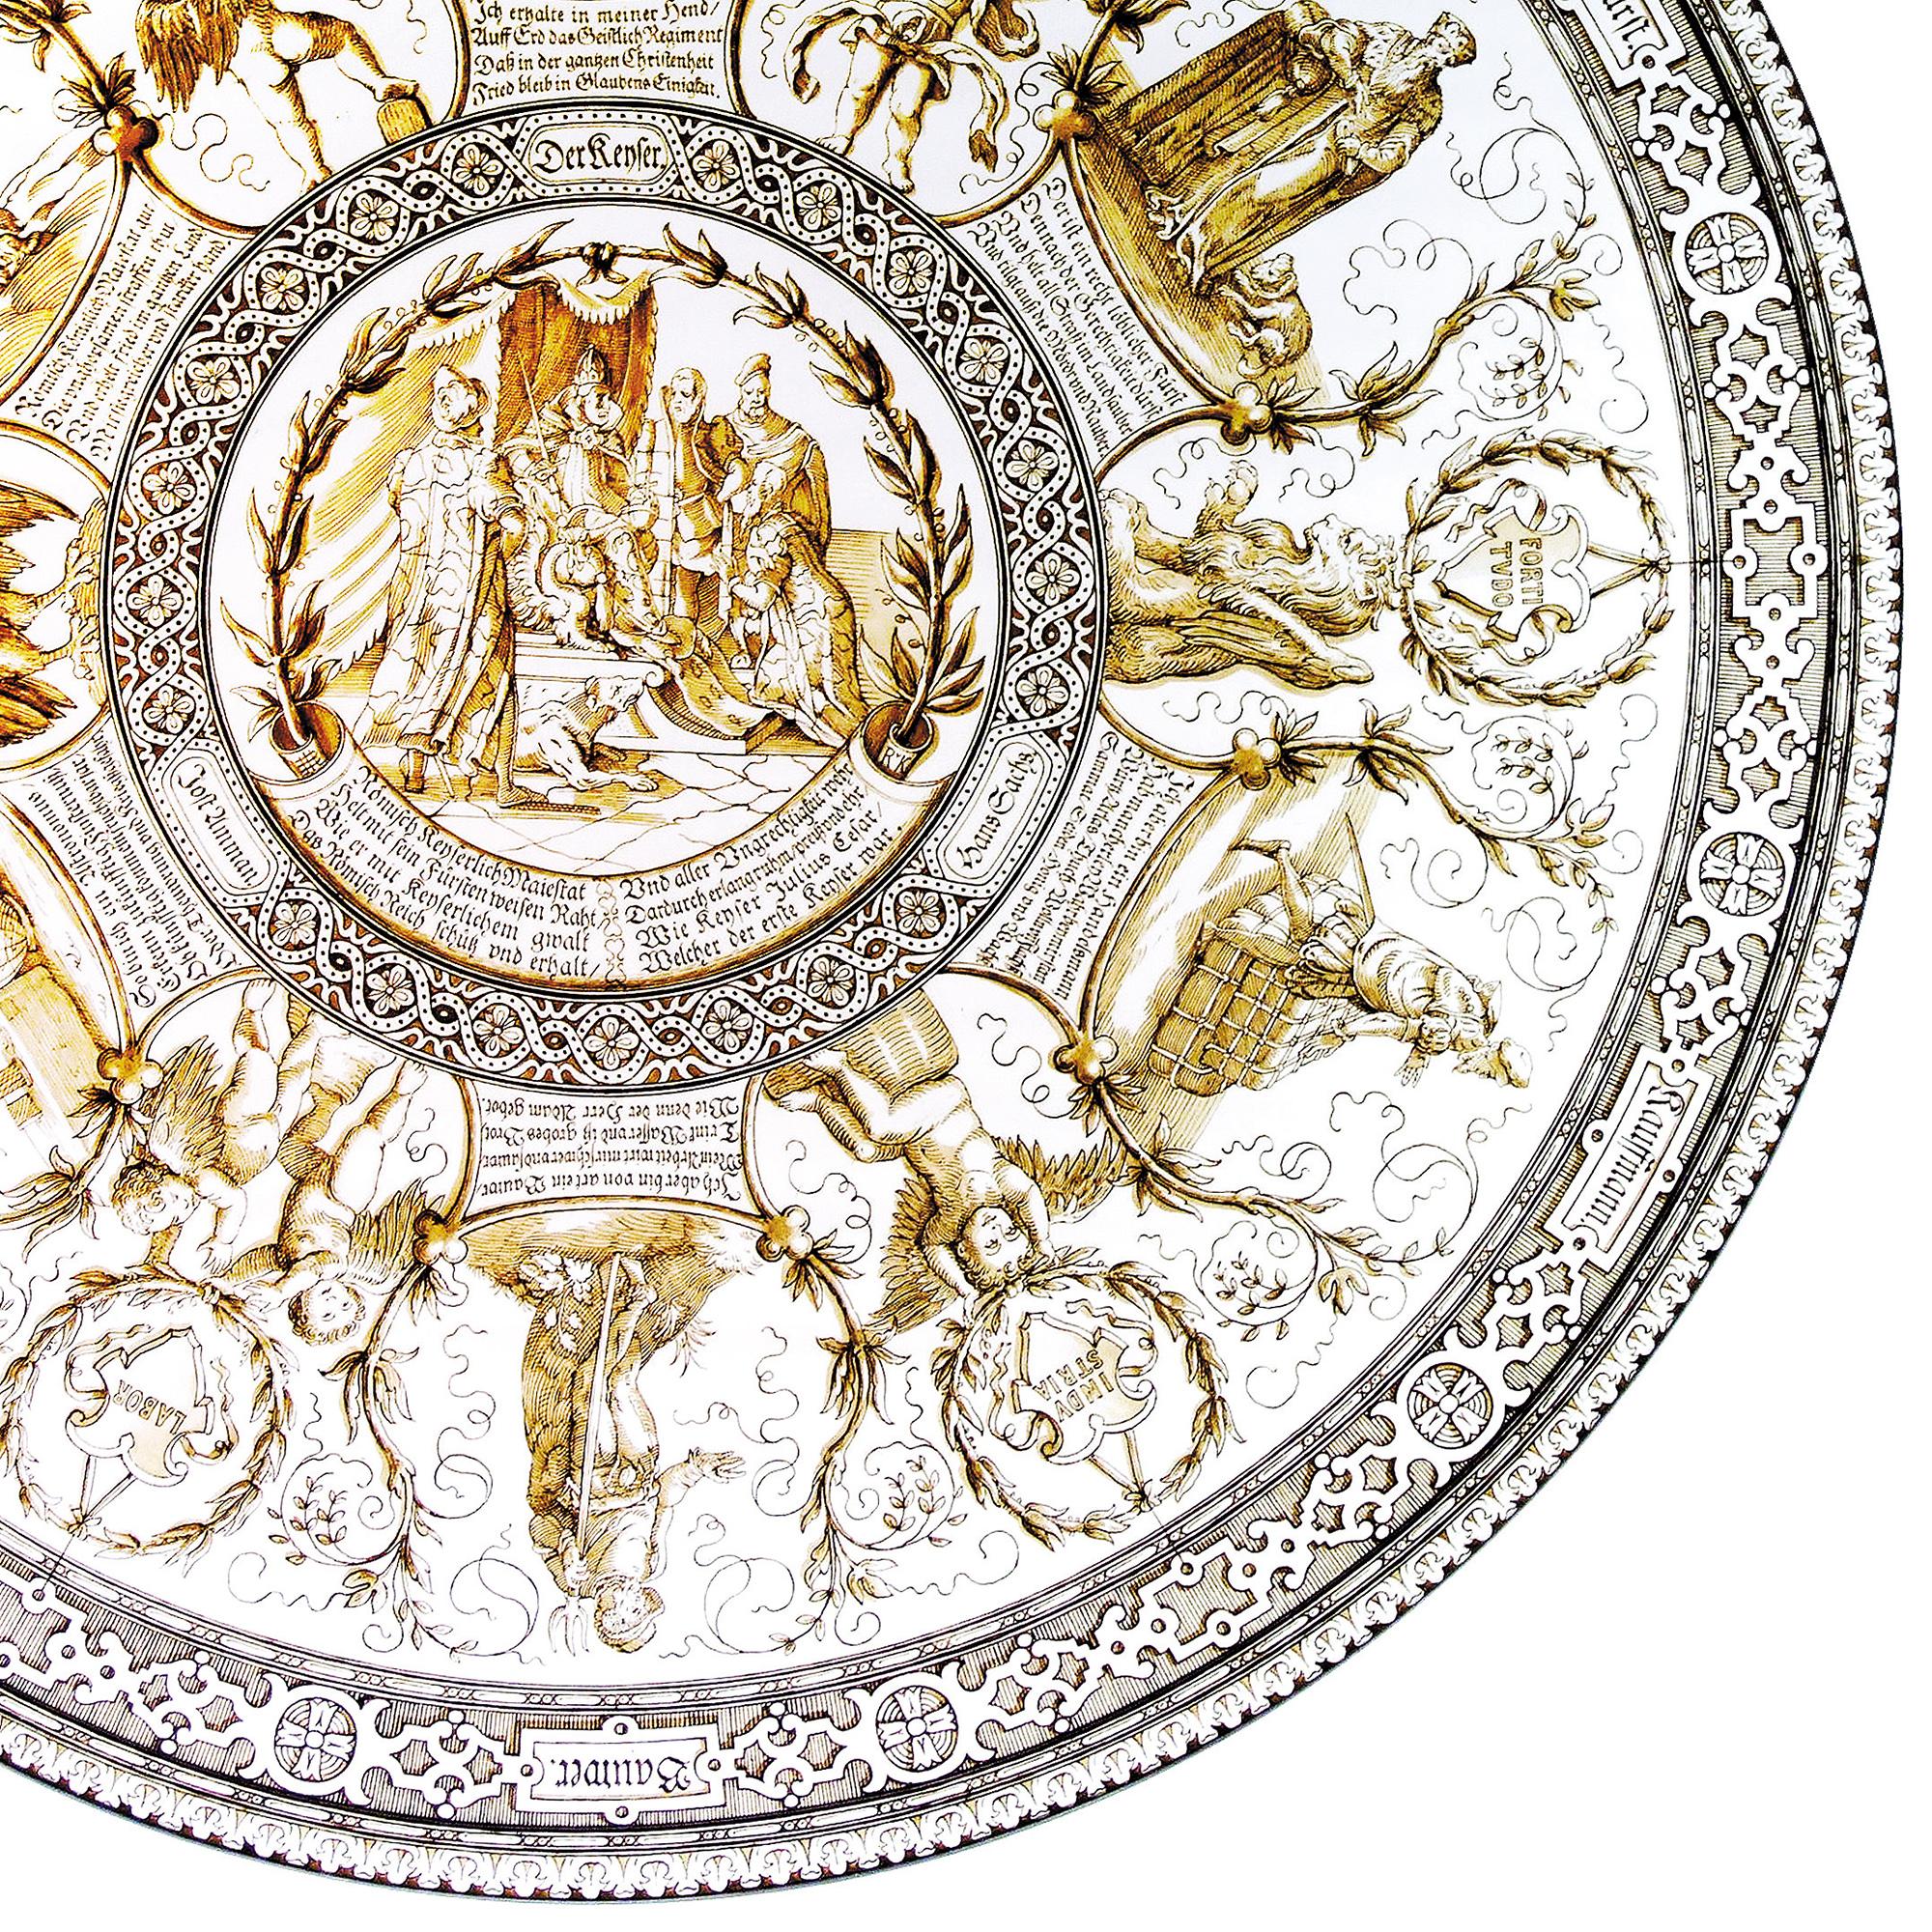 J&Lロブマイヤー 彩色大皿 1887年頃 HP